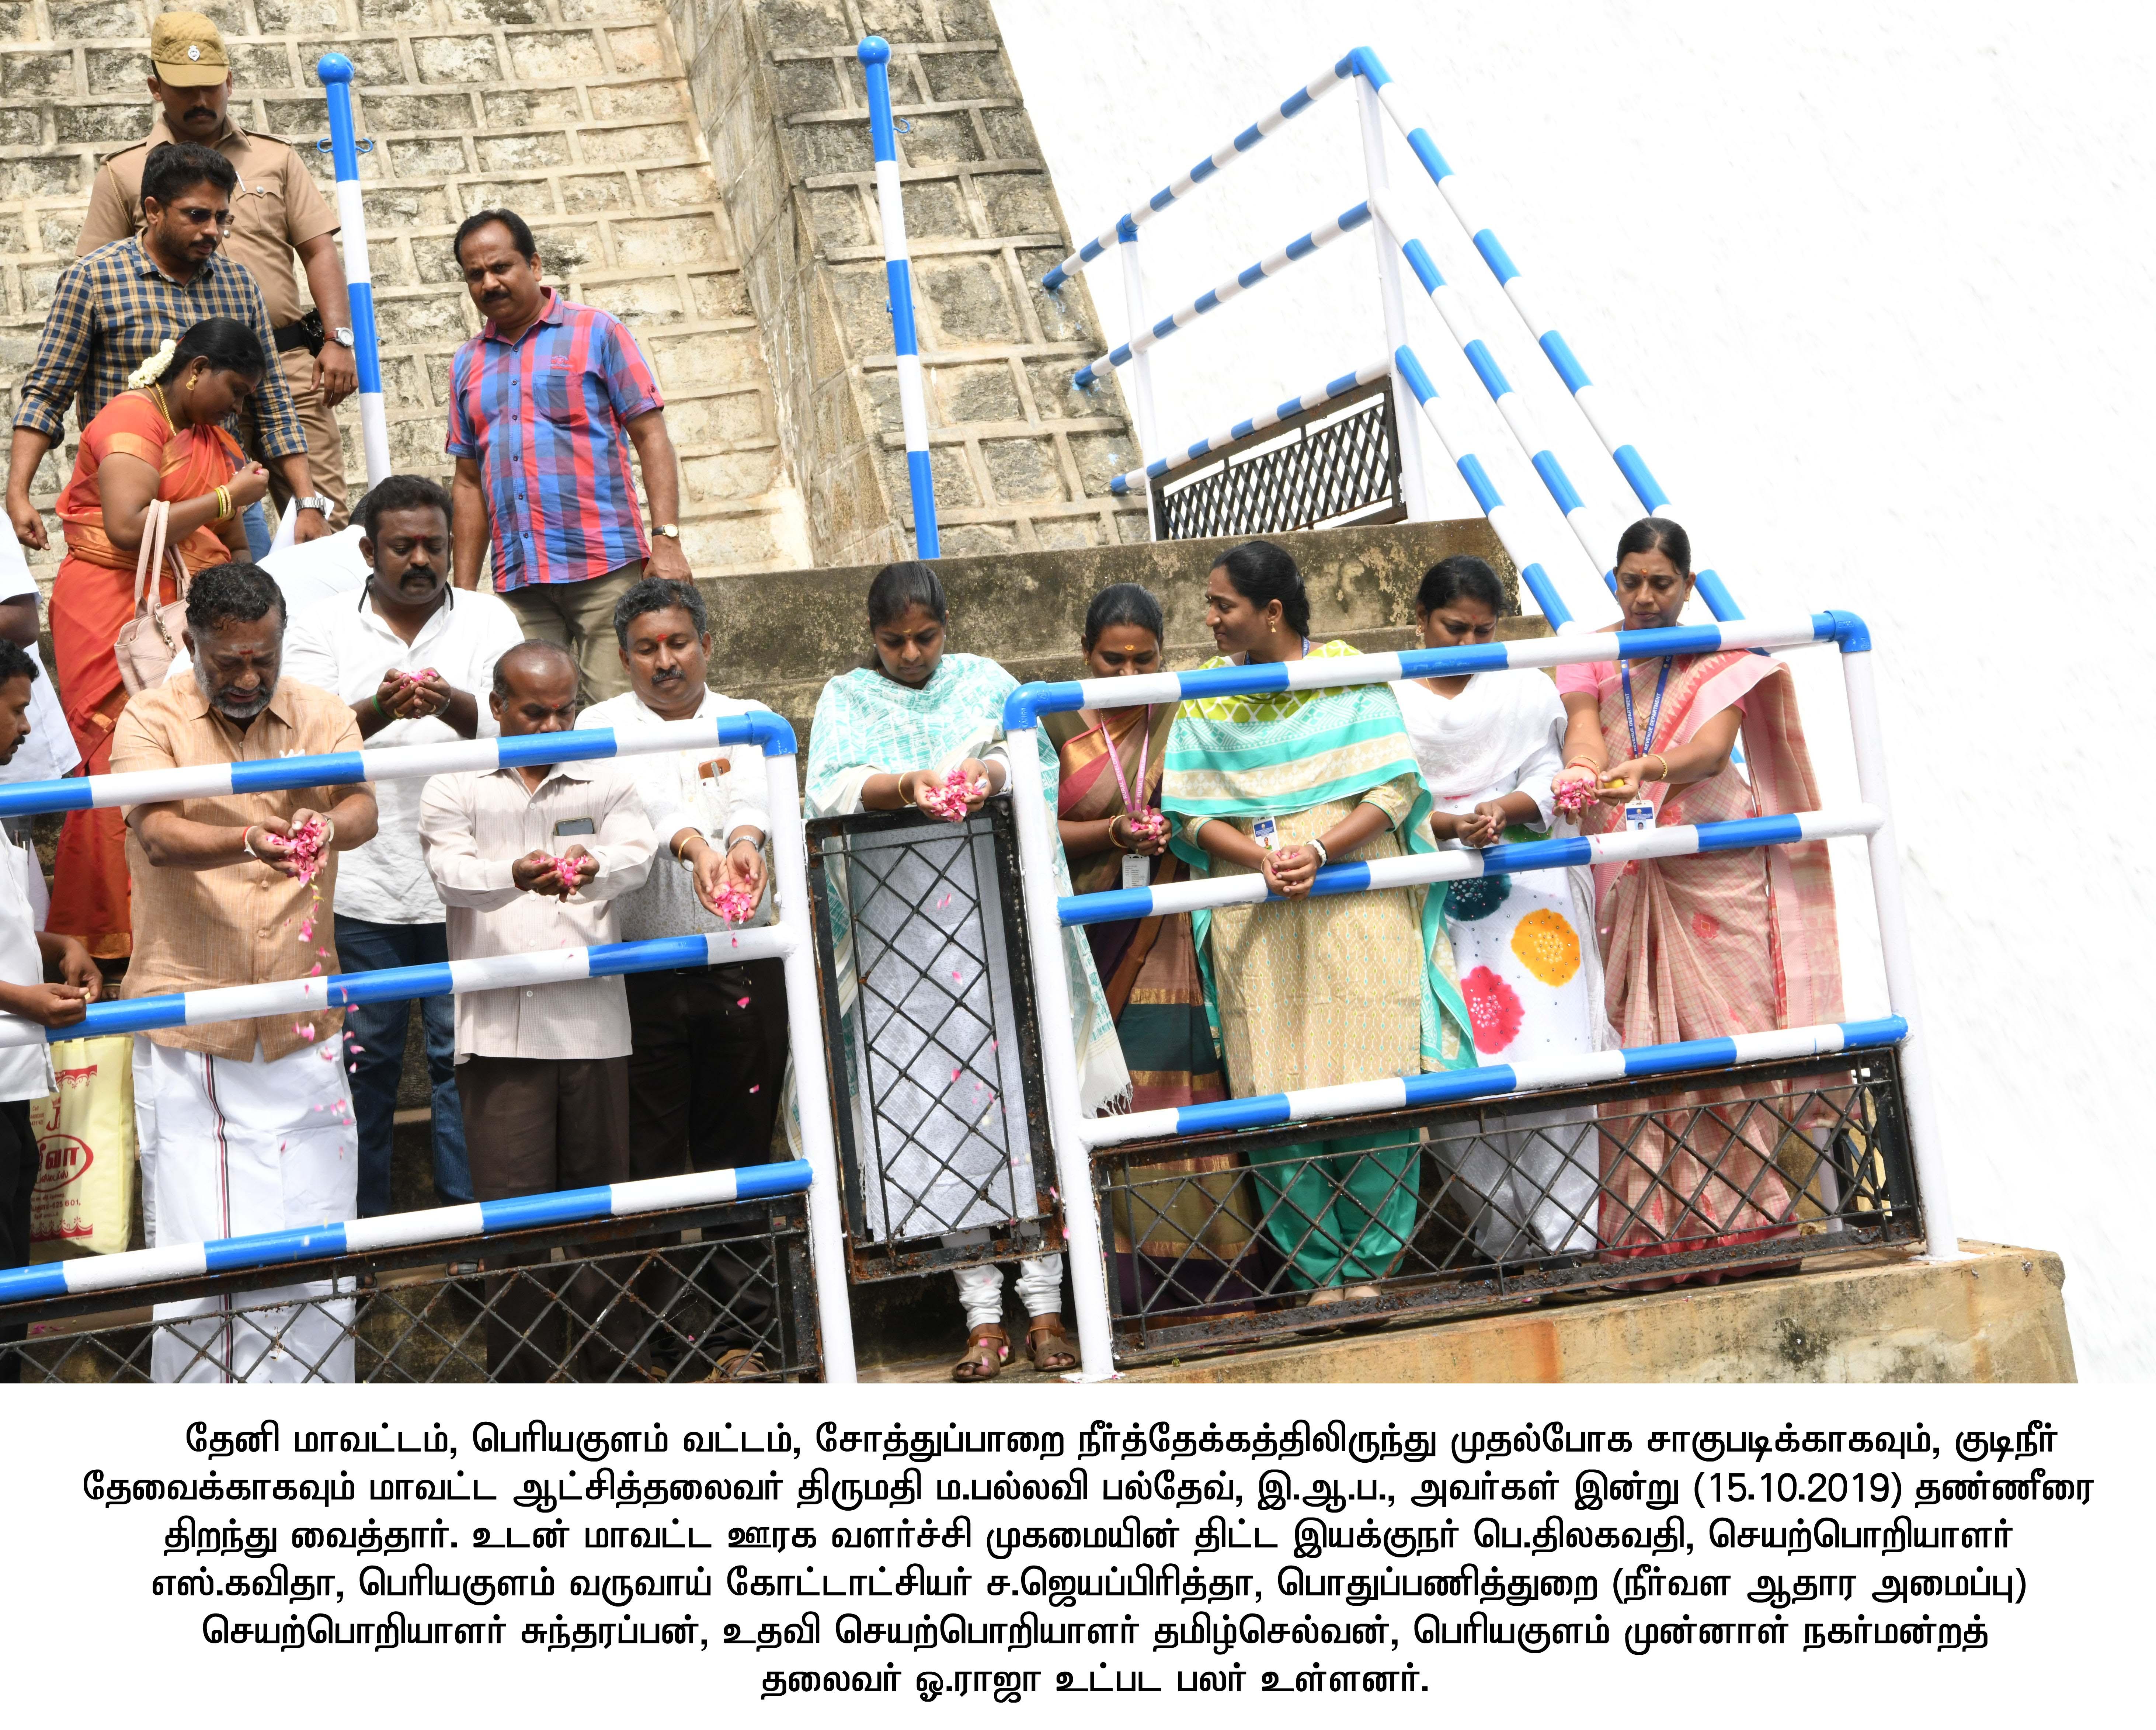 Sothuparai dam water opening